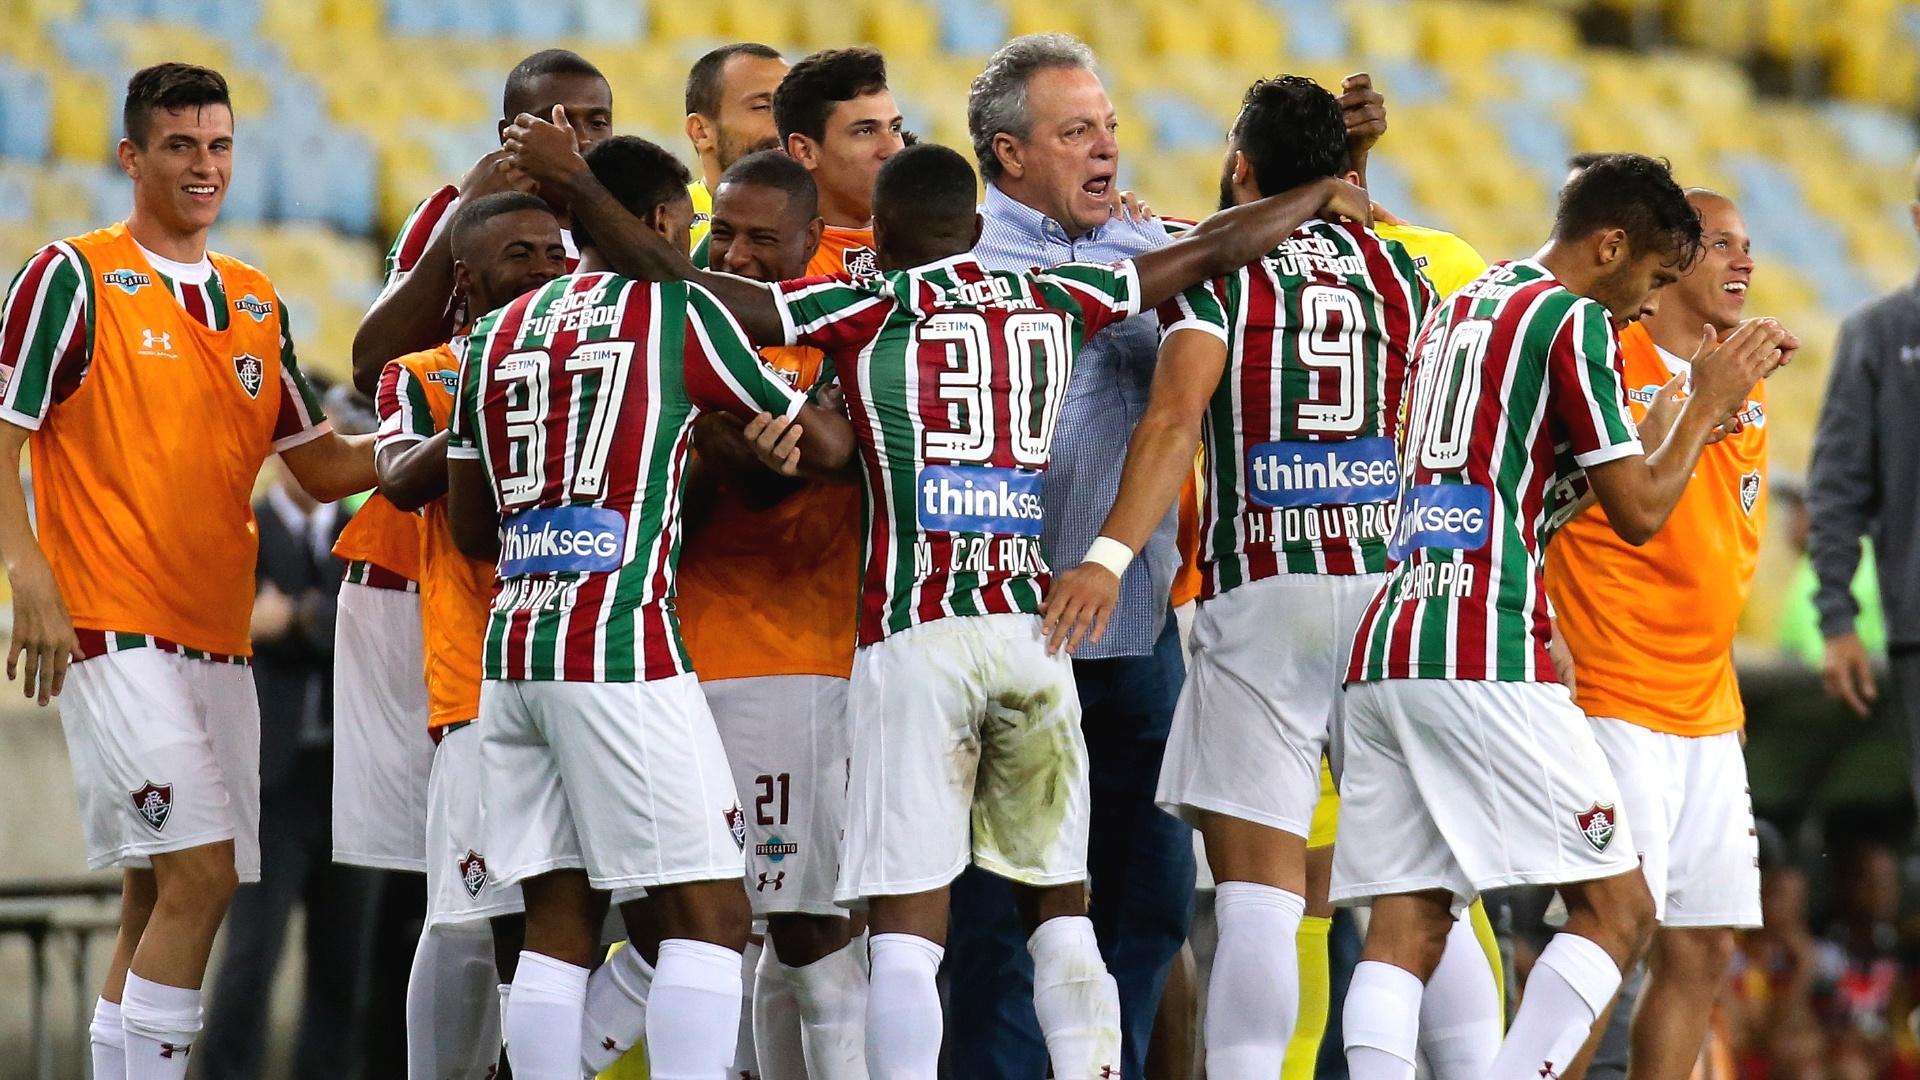 Jogadores do Fluminense comemoram gol diante do Atlético-GO no Maracanã pelo Campeonato Brasileiro 2017